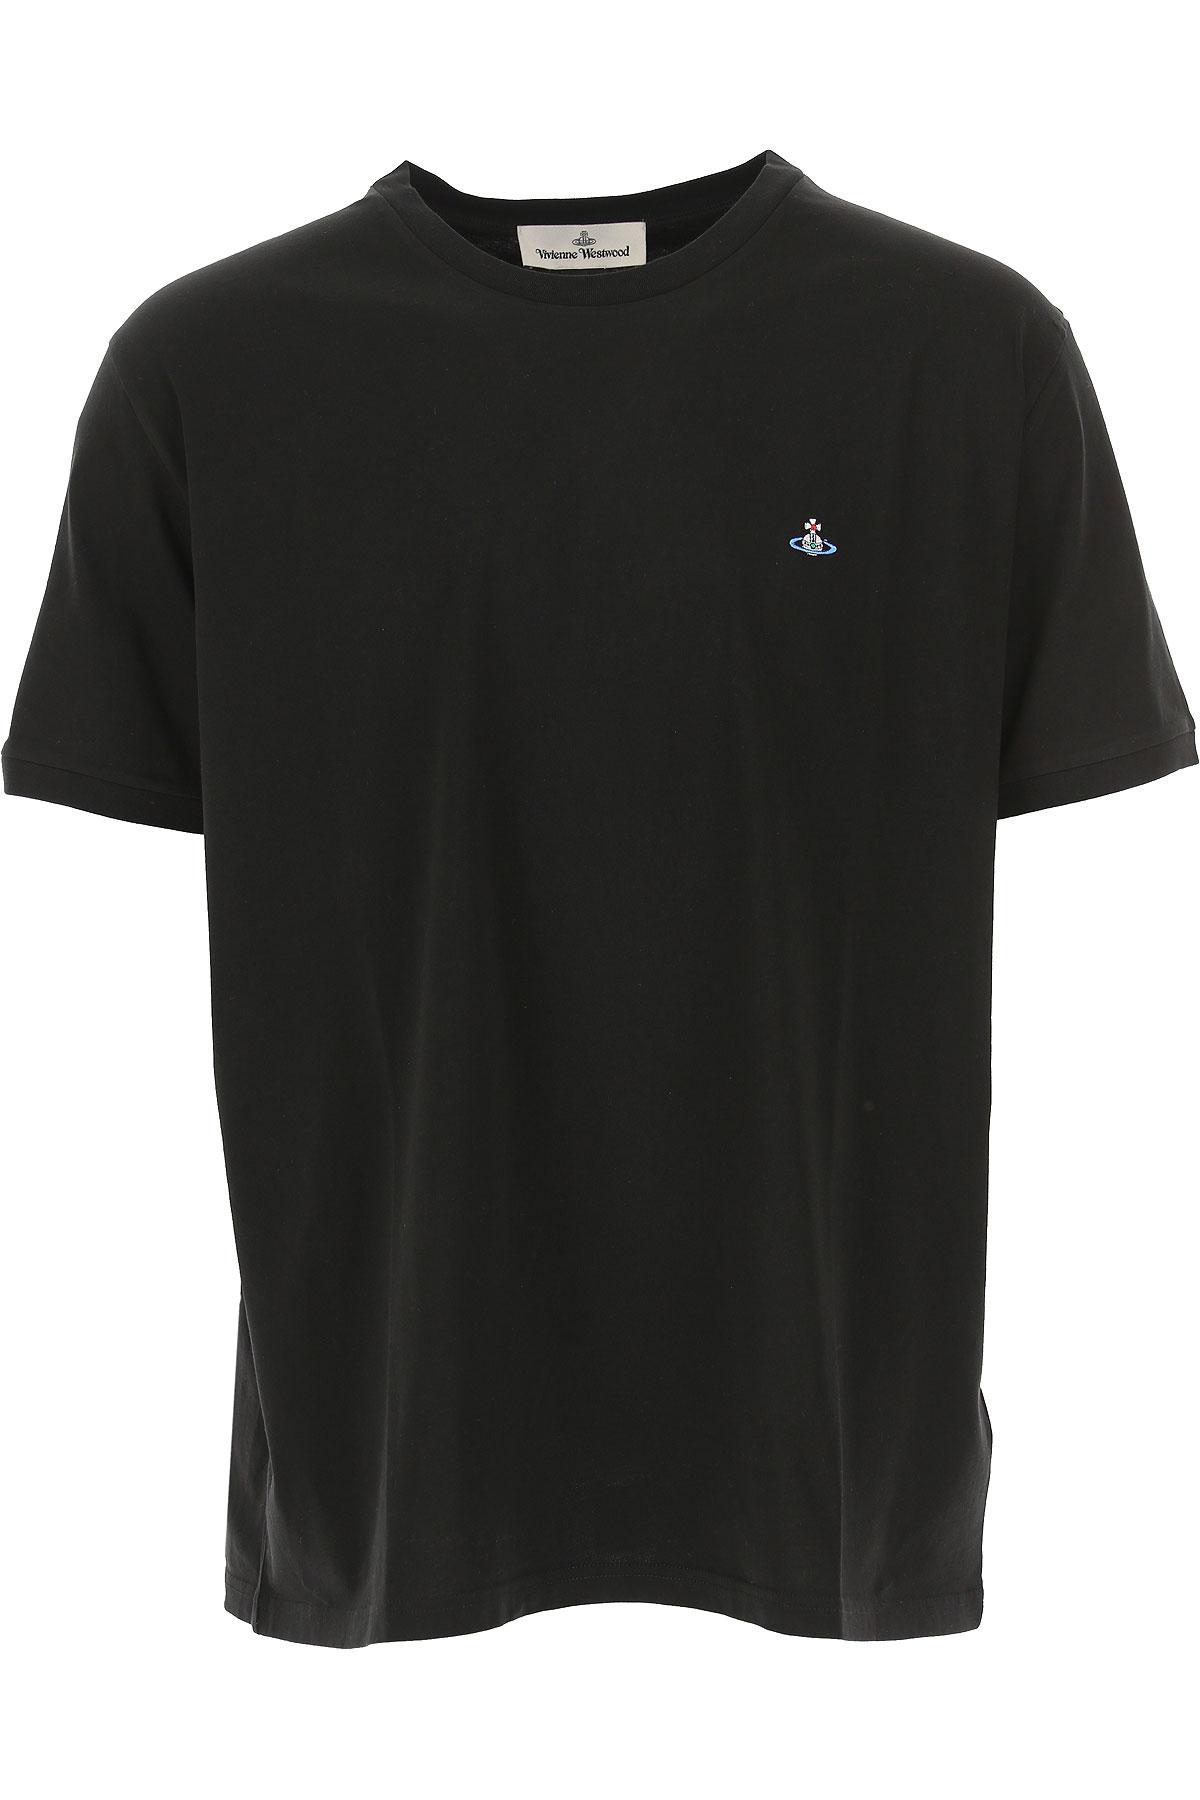 Vivienne Westwood T-shirt Homme Pas Cher En Soldes, Noir, Coton, 2019, L M S XL XS